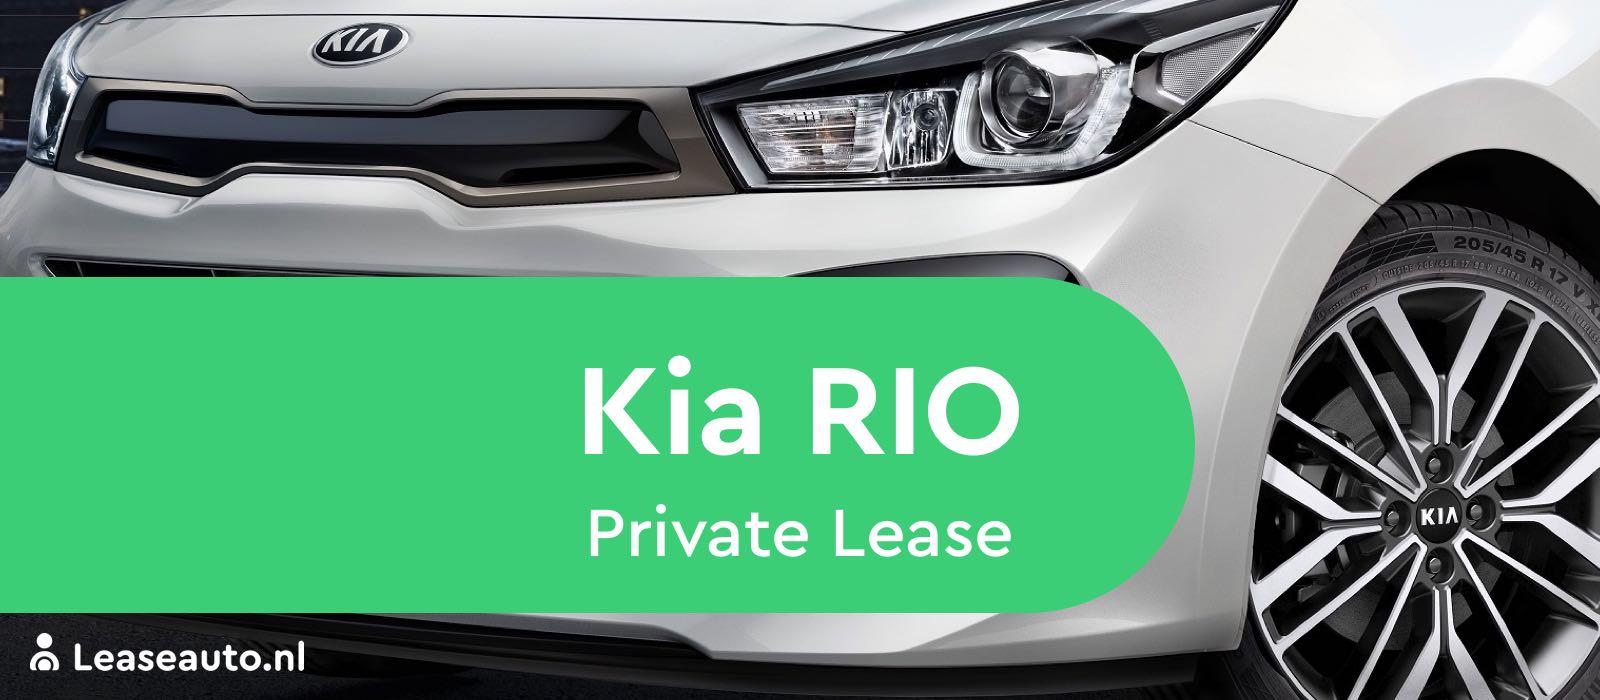 kia rio private lease